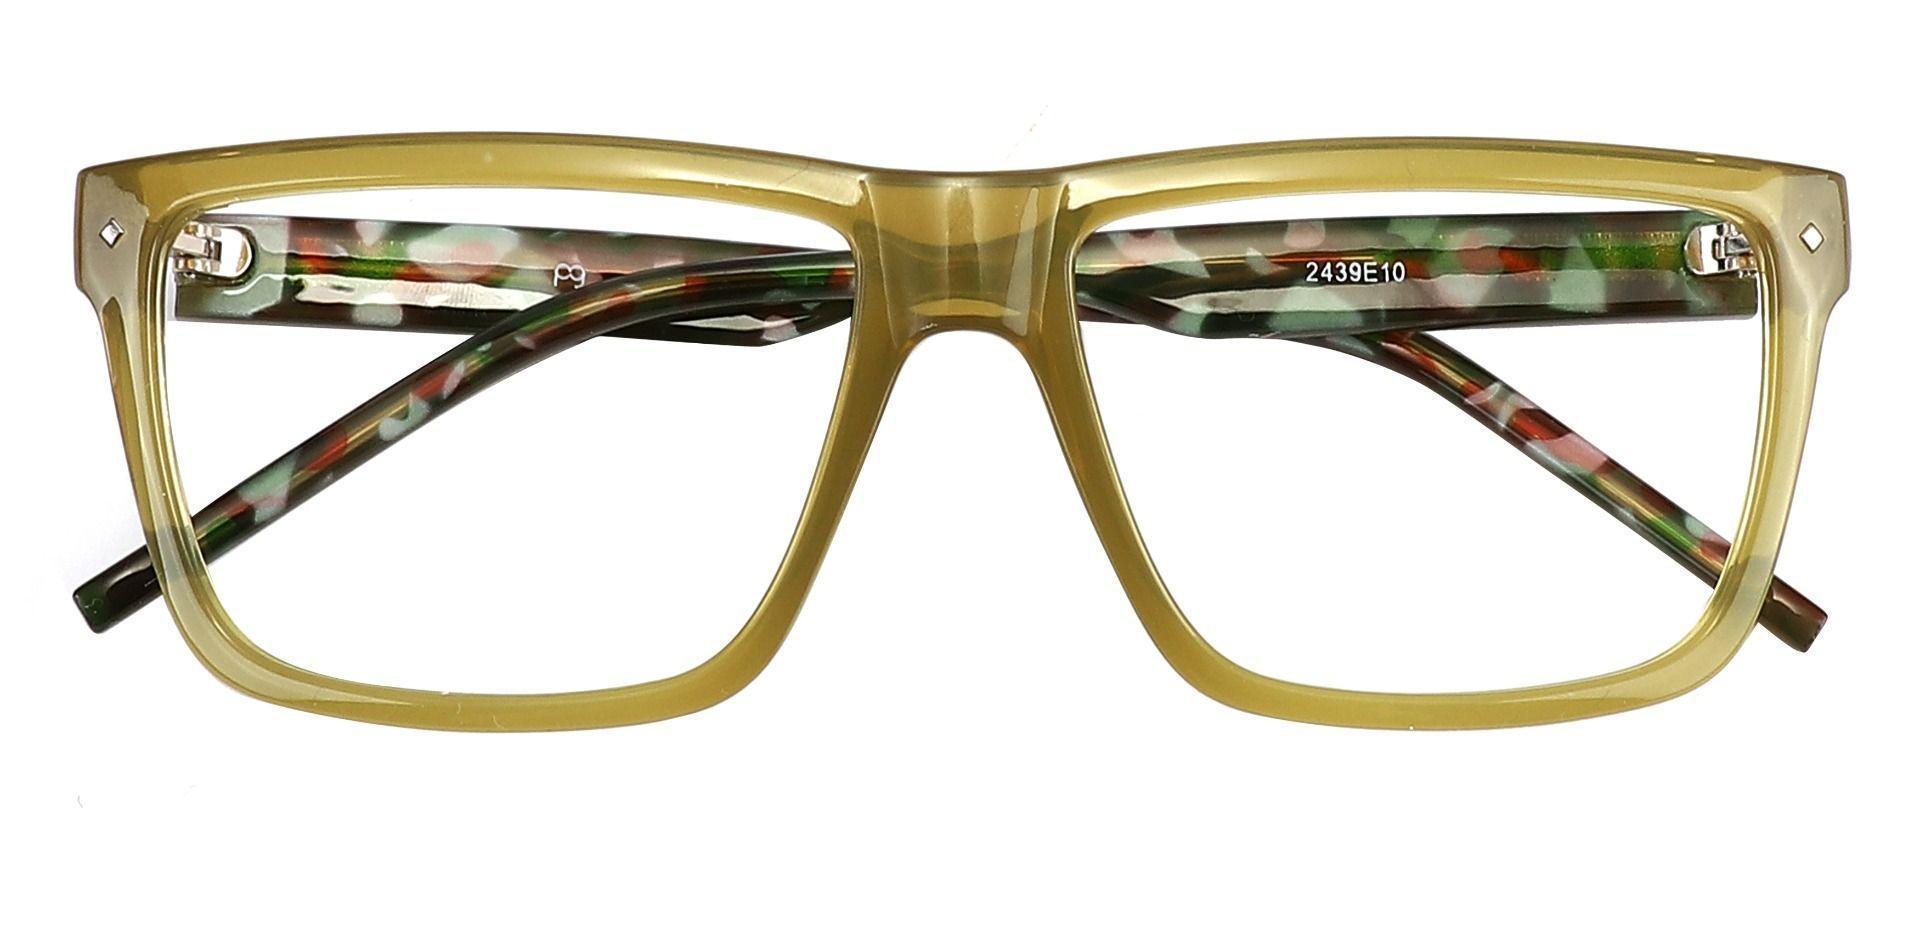 Marietta Rectangle Non-Rx Glasses - Green